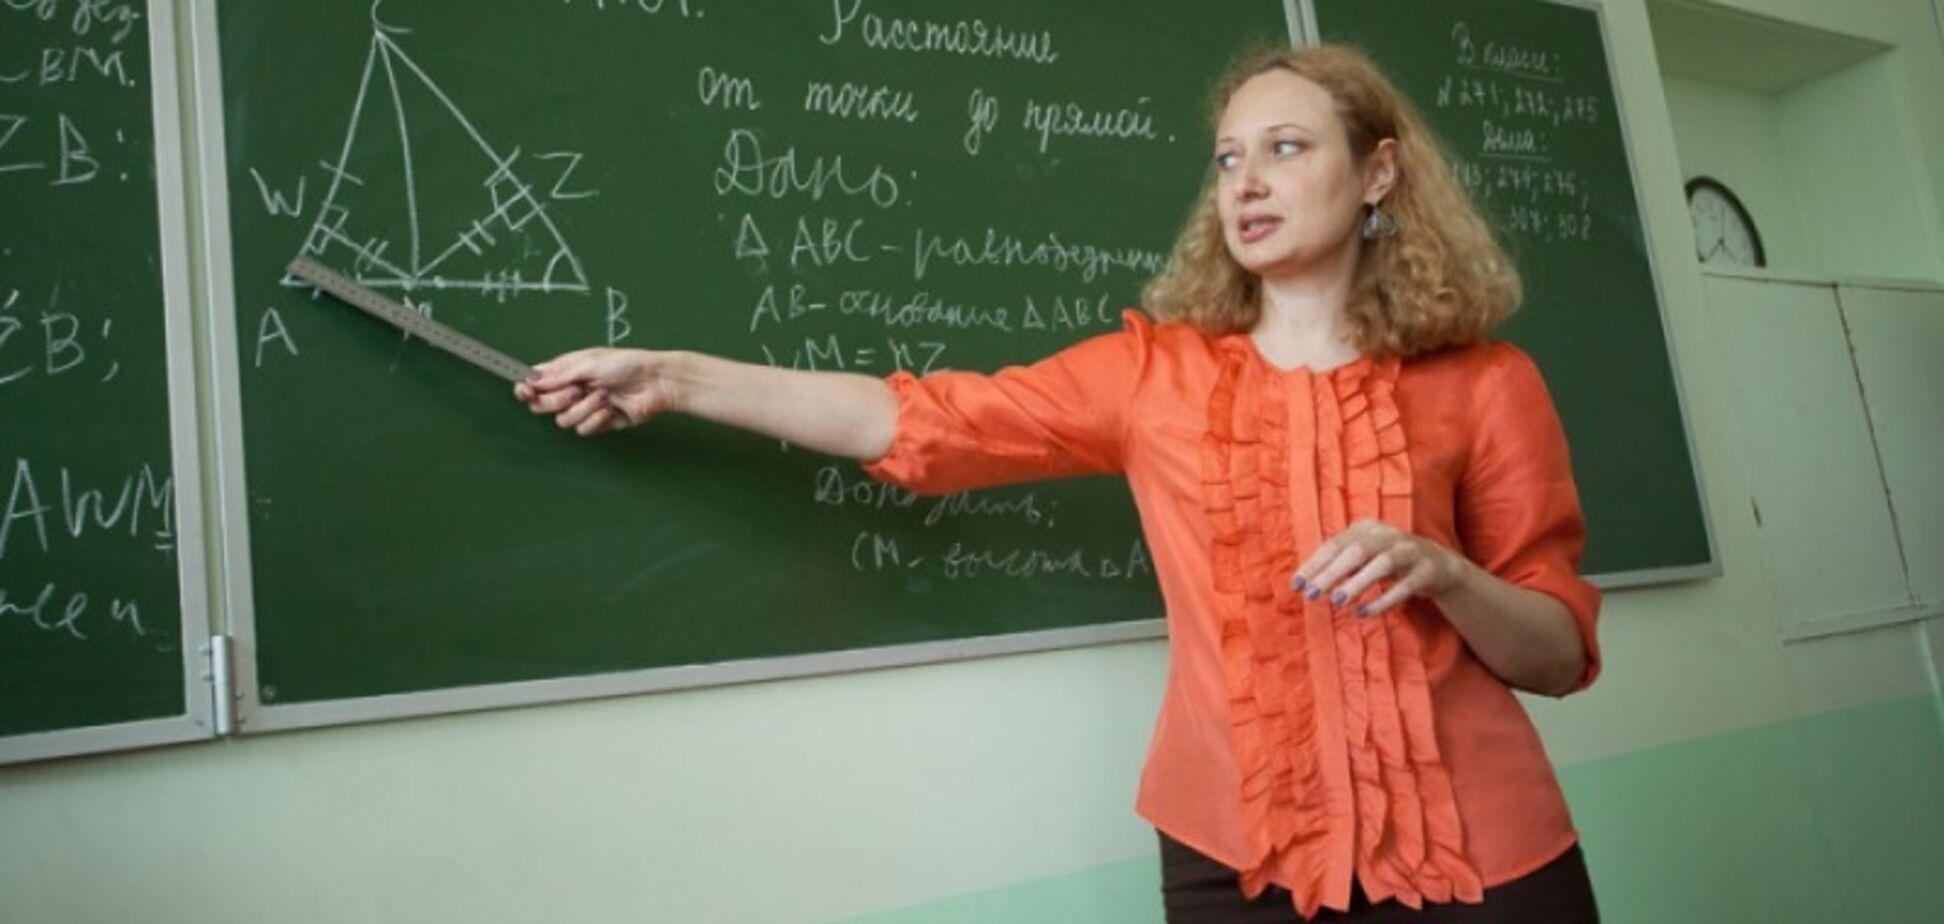 Профессия для 'неудачников': почему падает престиж учителей